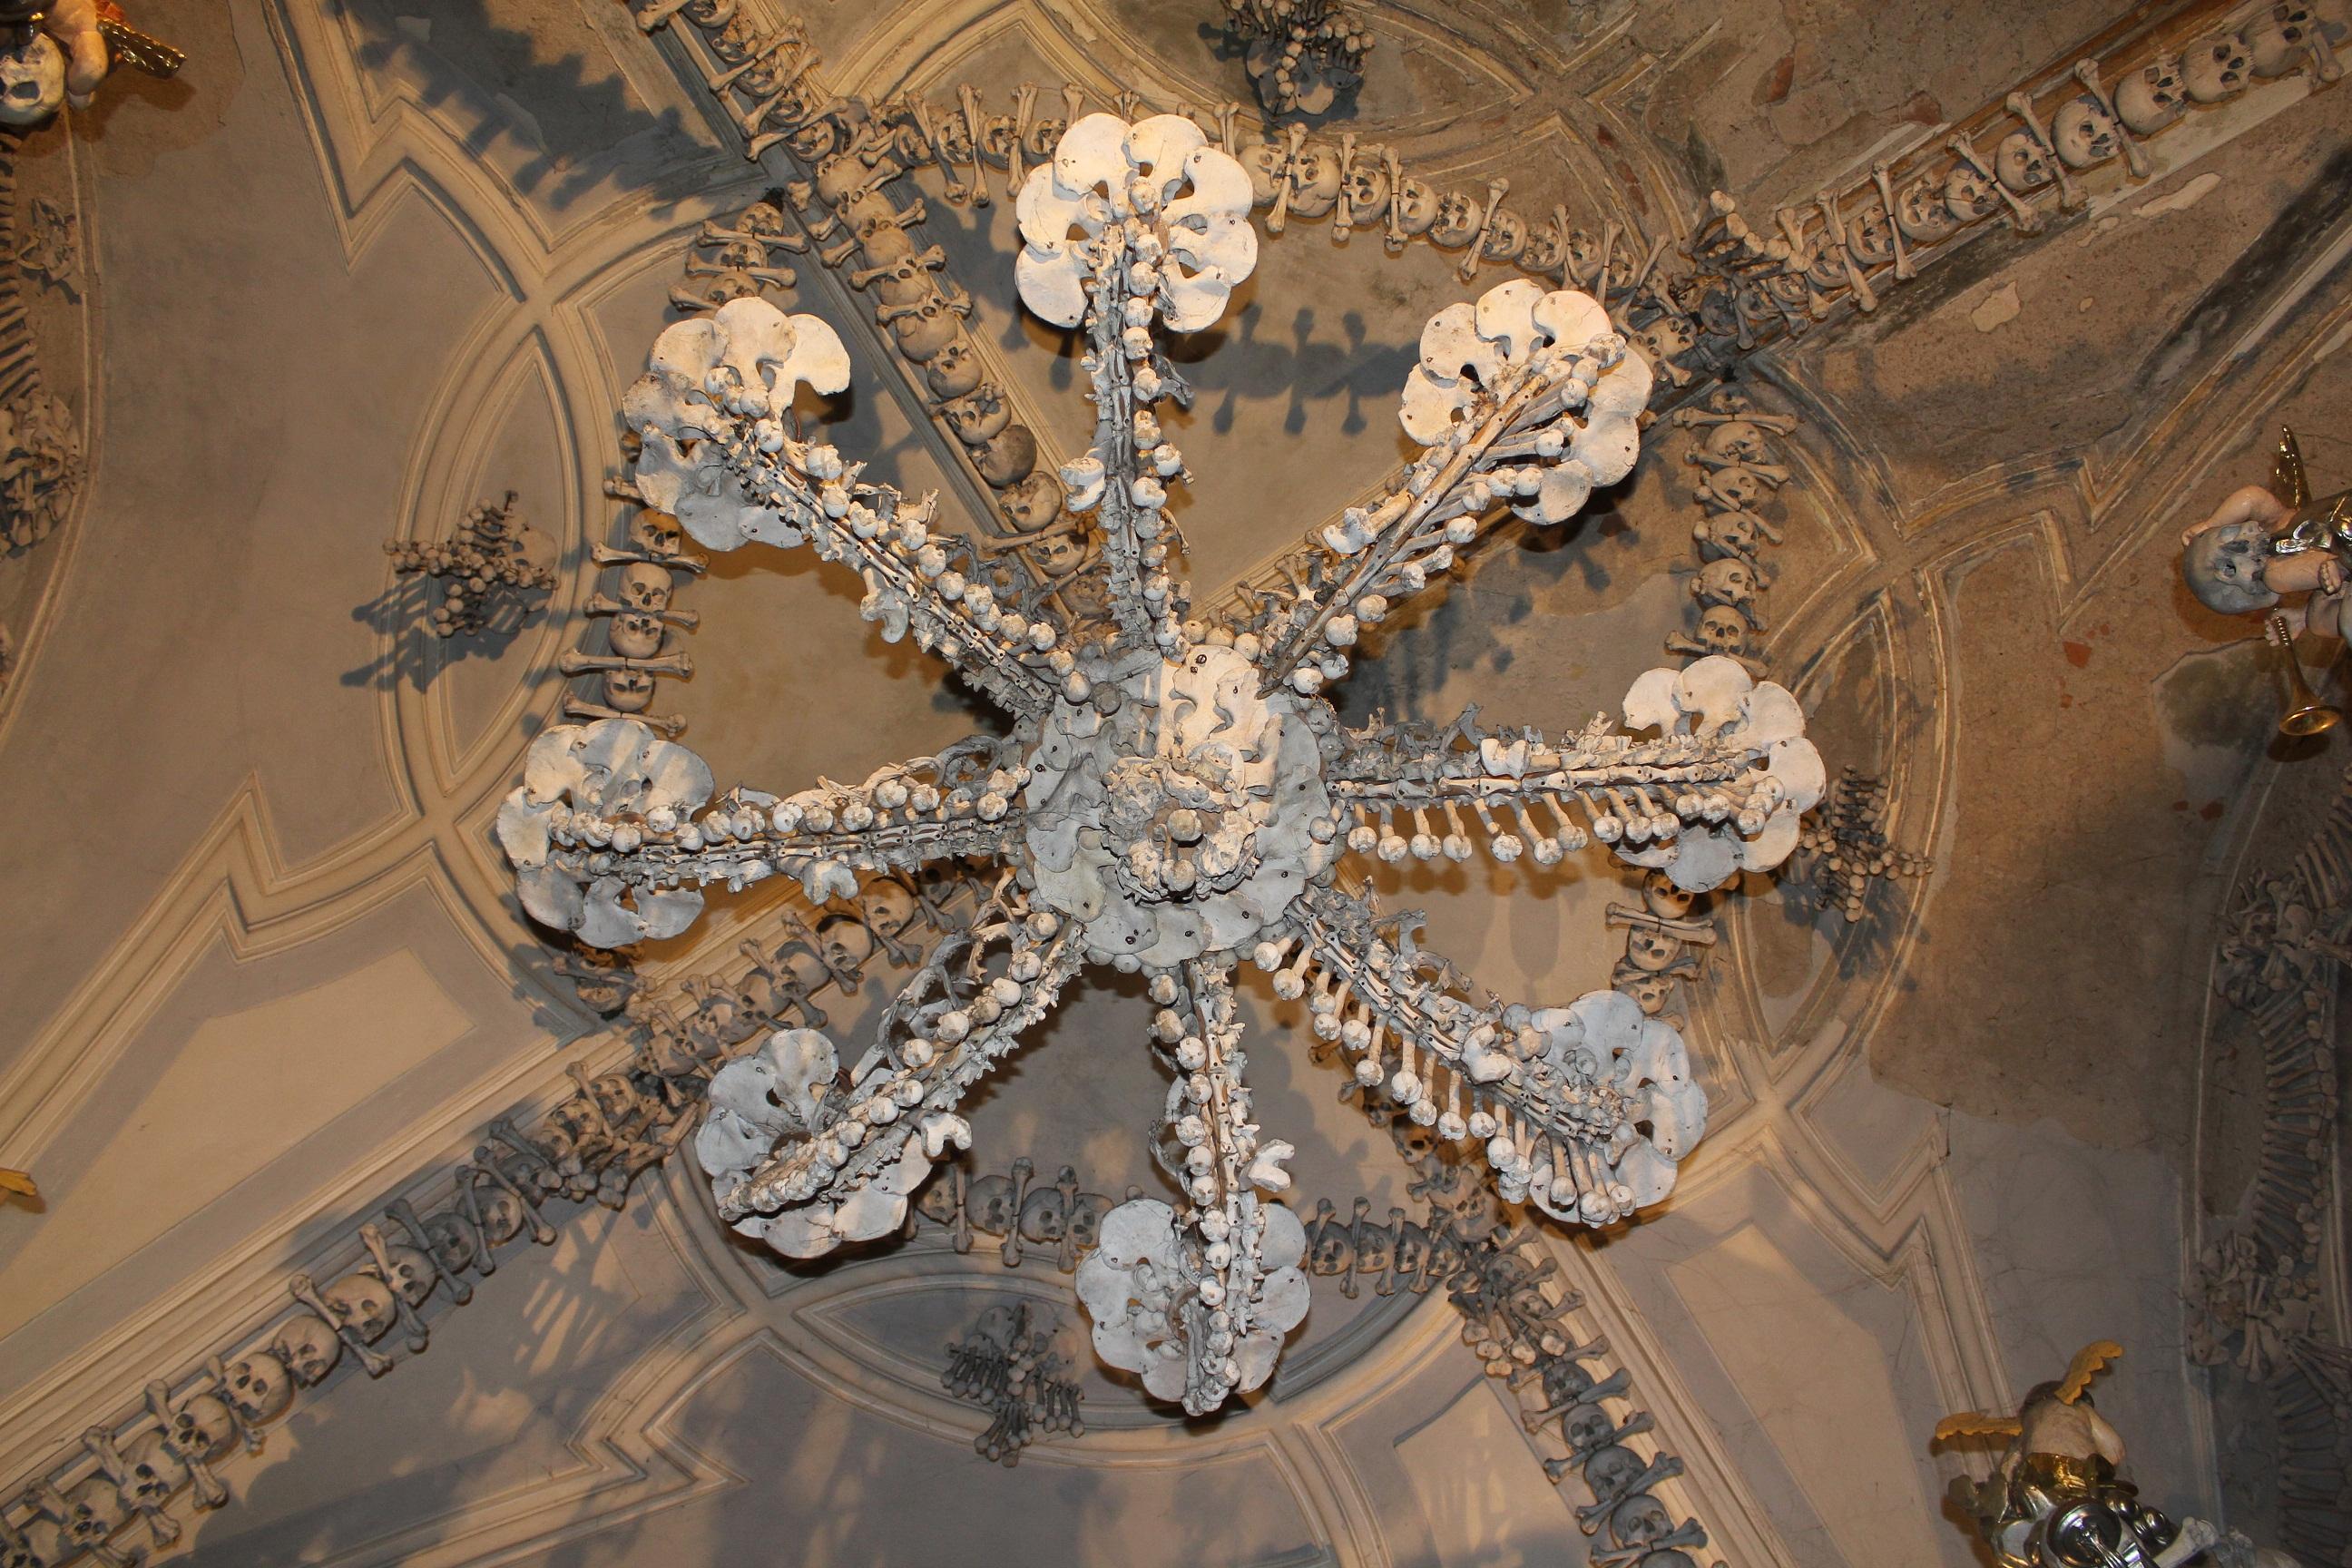 20355-kostnice-v-sedlci-sedlec-ossuary-2.jpg